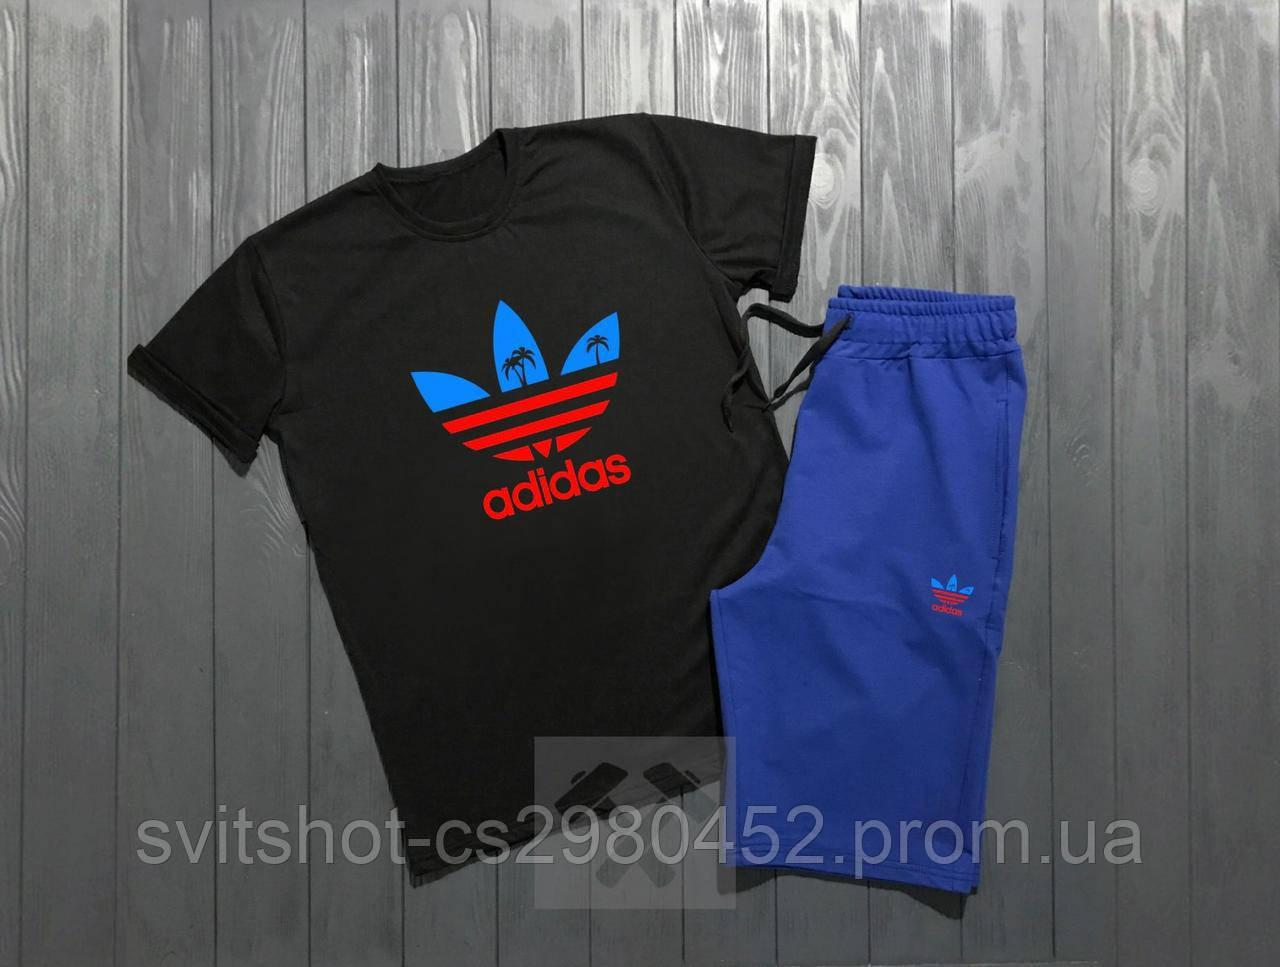 Комплект Adidas (Адидас), пальма